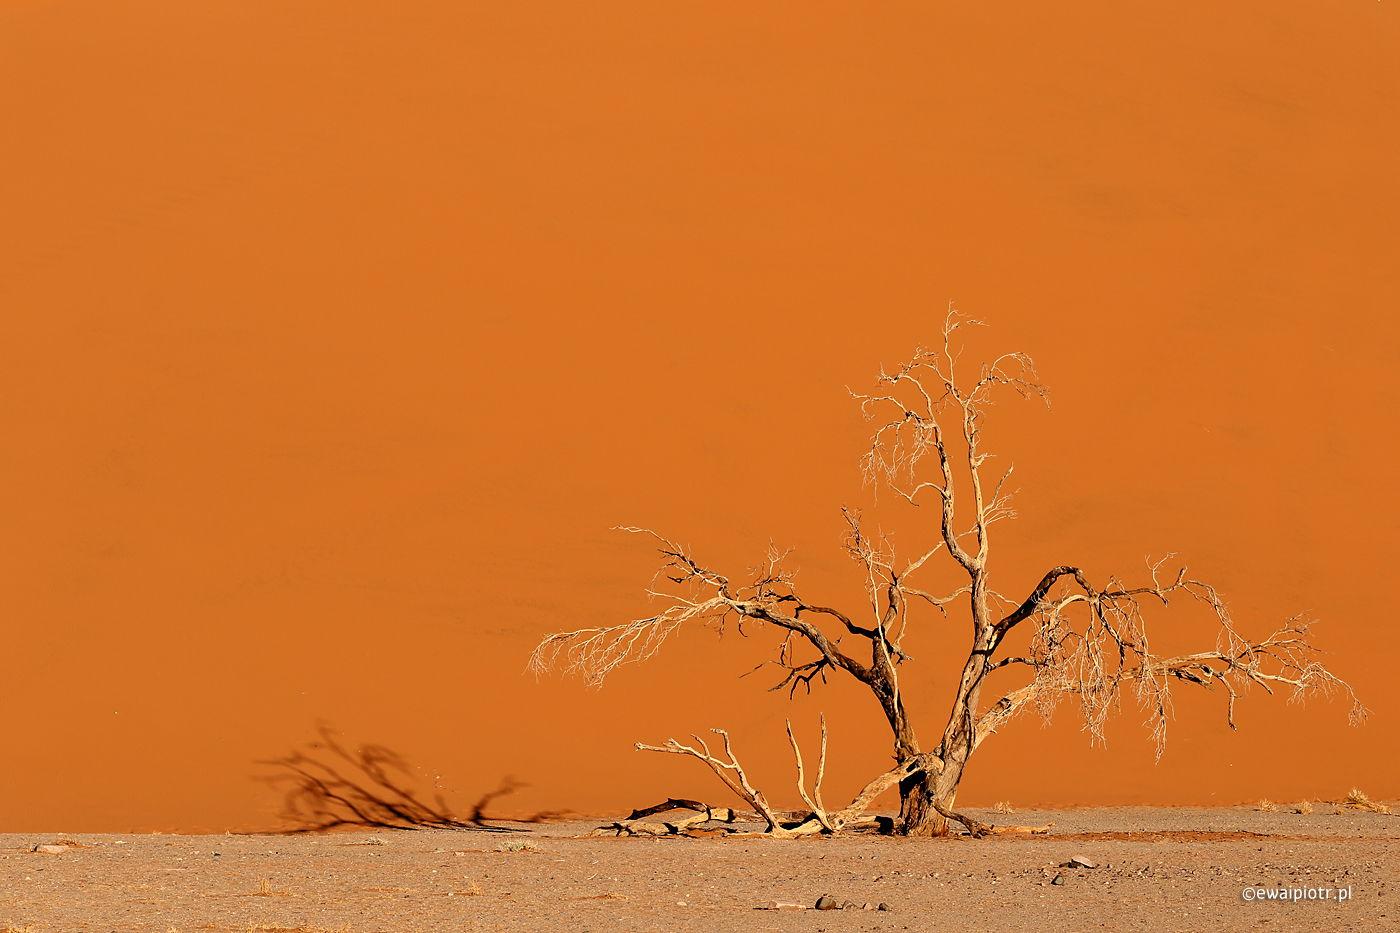 Drzewo i wydma, Namibia, pustynia, wyprawa foto